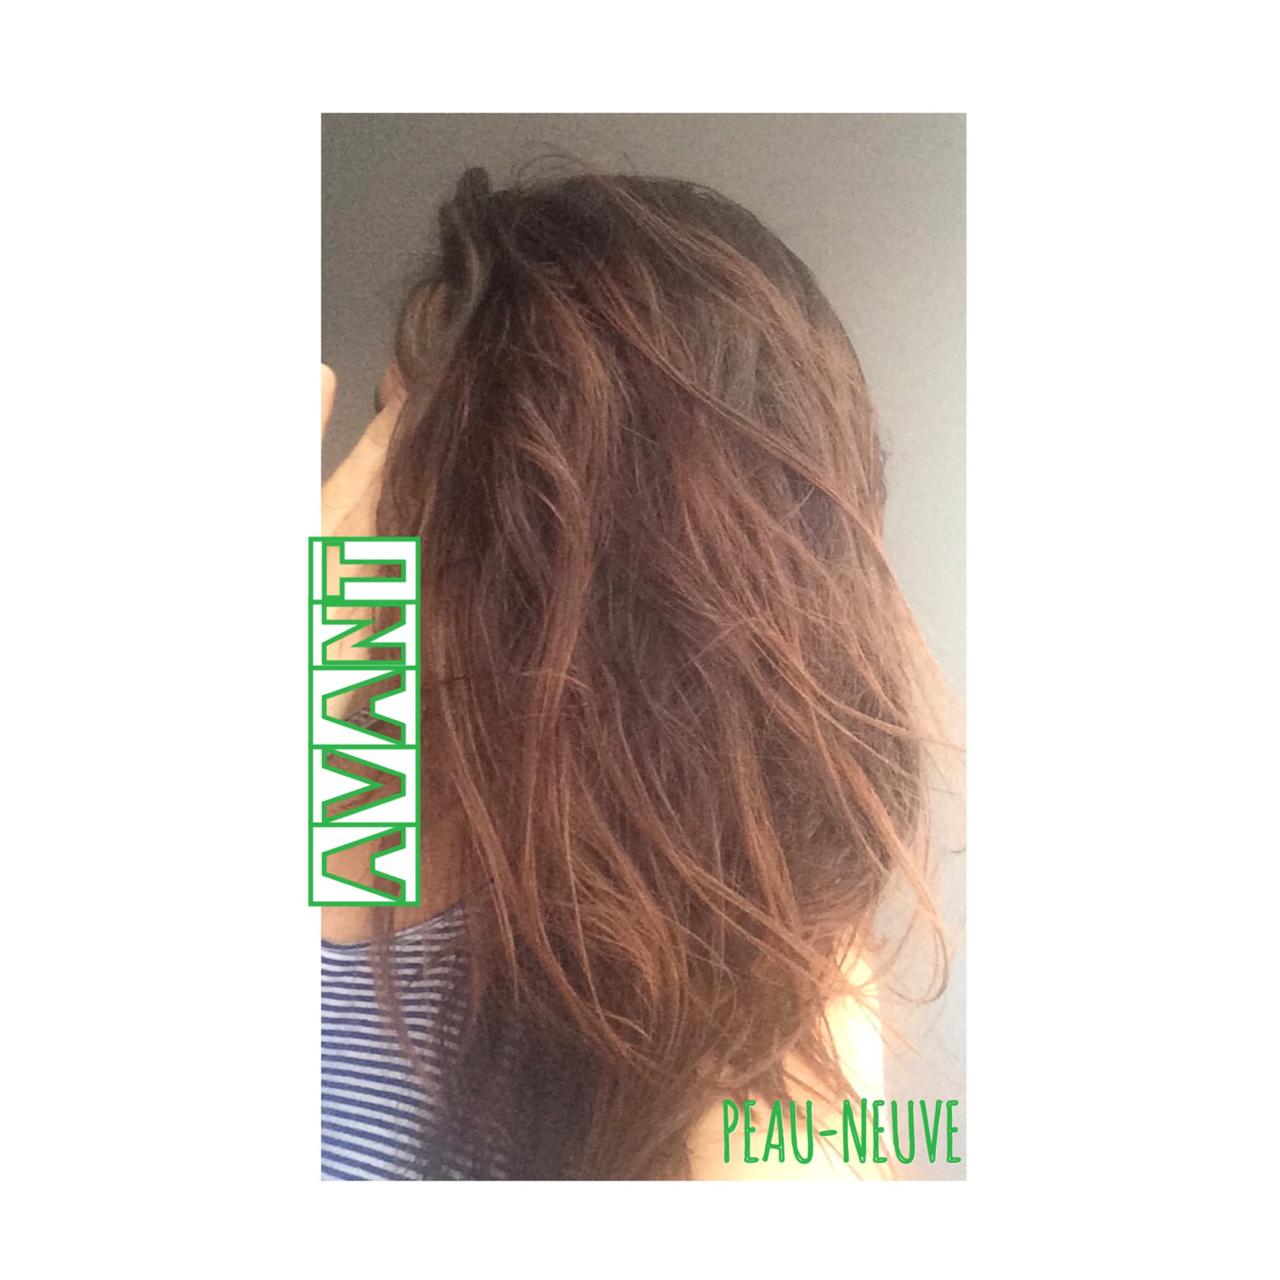 coloration naturelle pour cheveux chatains